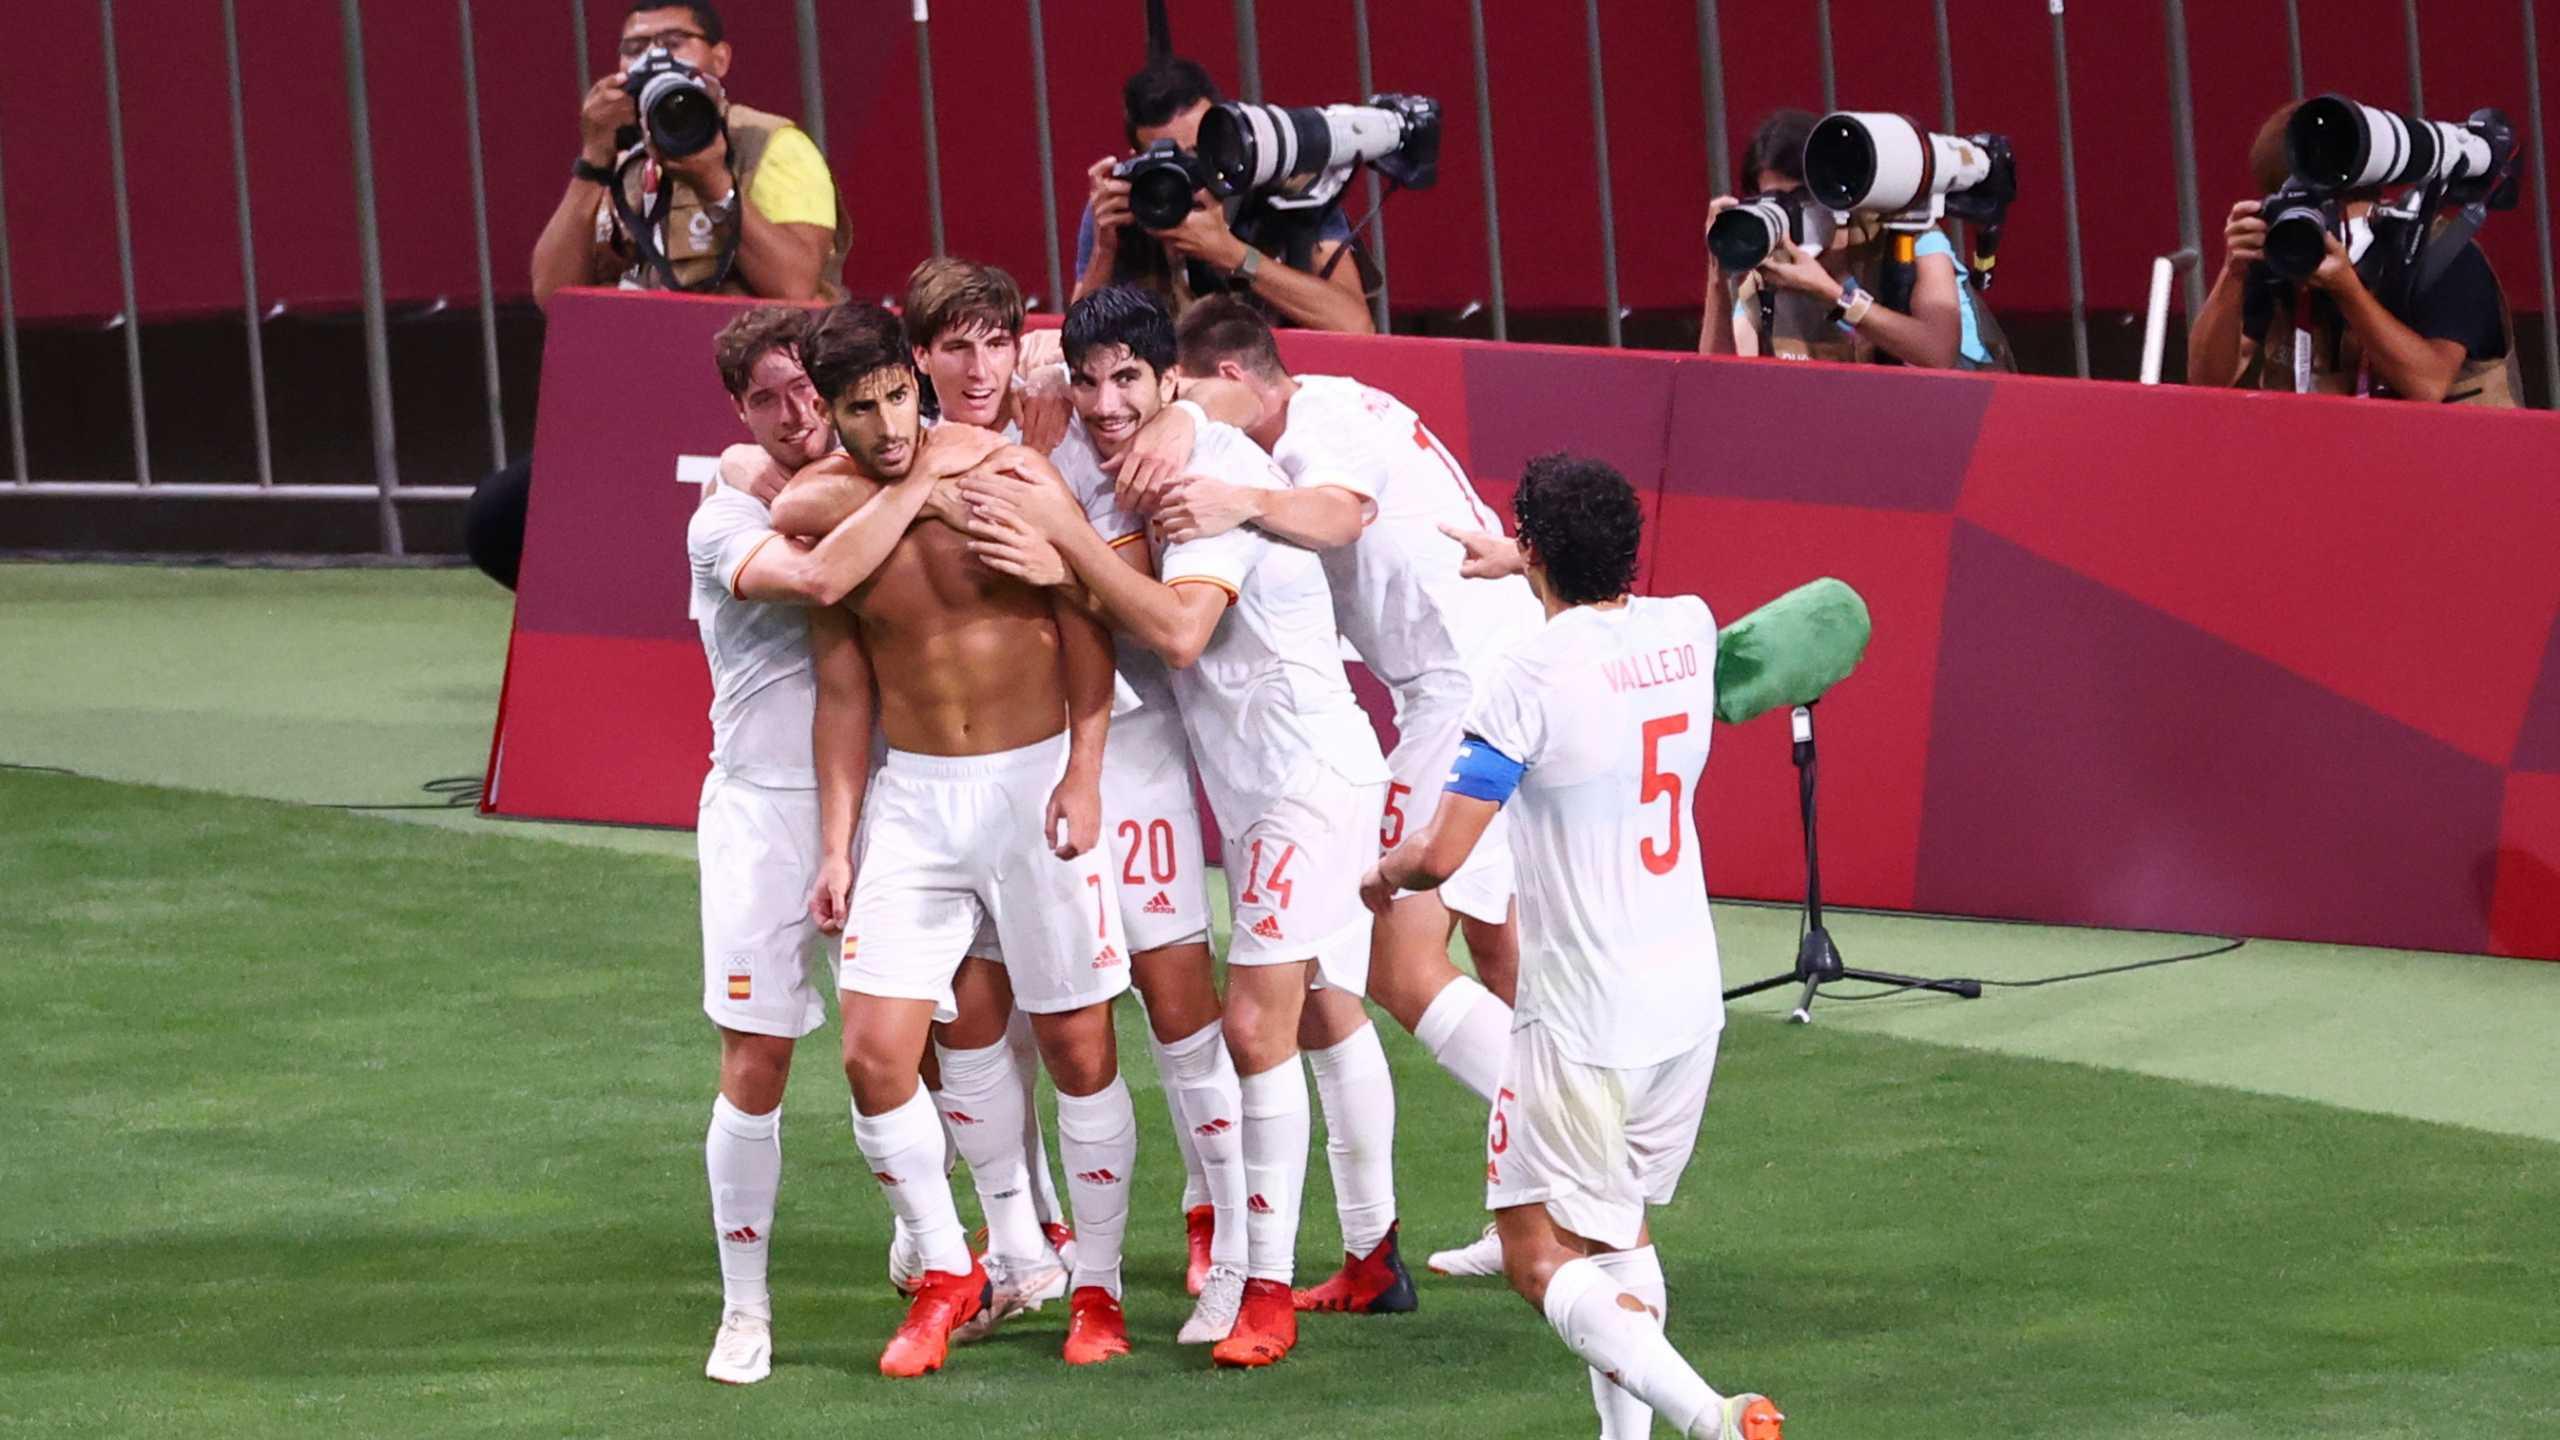 Ολυμπιακοί Αγώνες: Η Ισπανία προκρίθηκε στον τελικό στο ποδόσφαιρο ανδρών